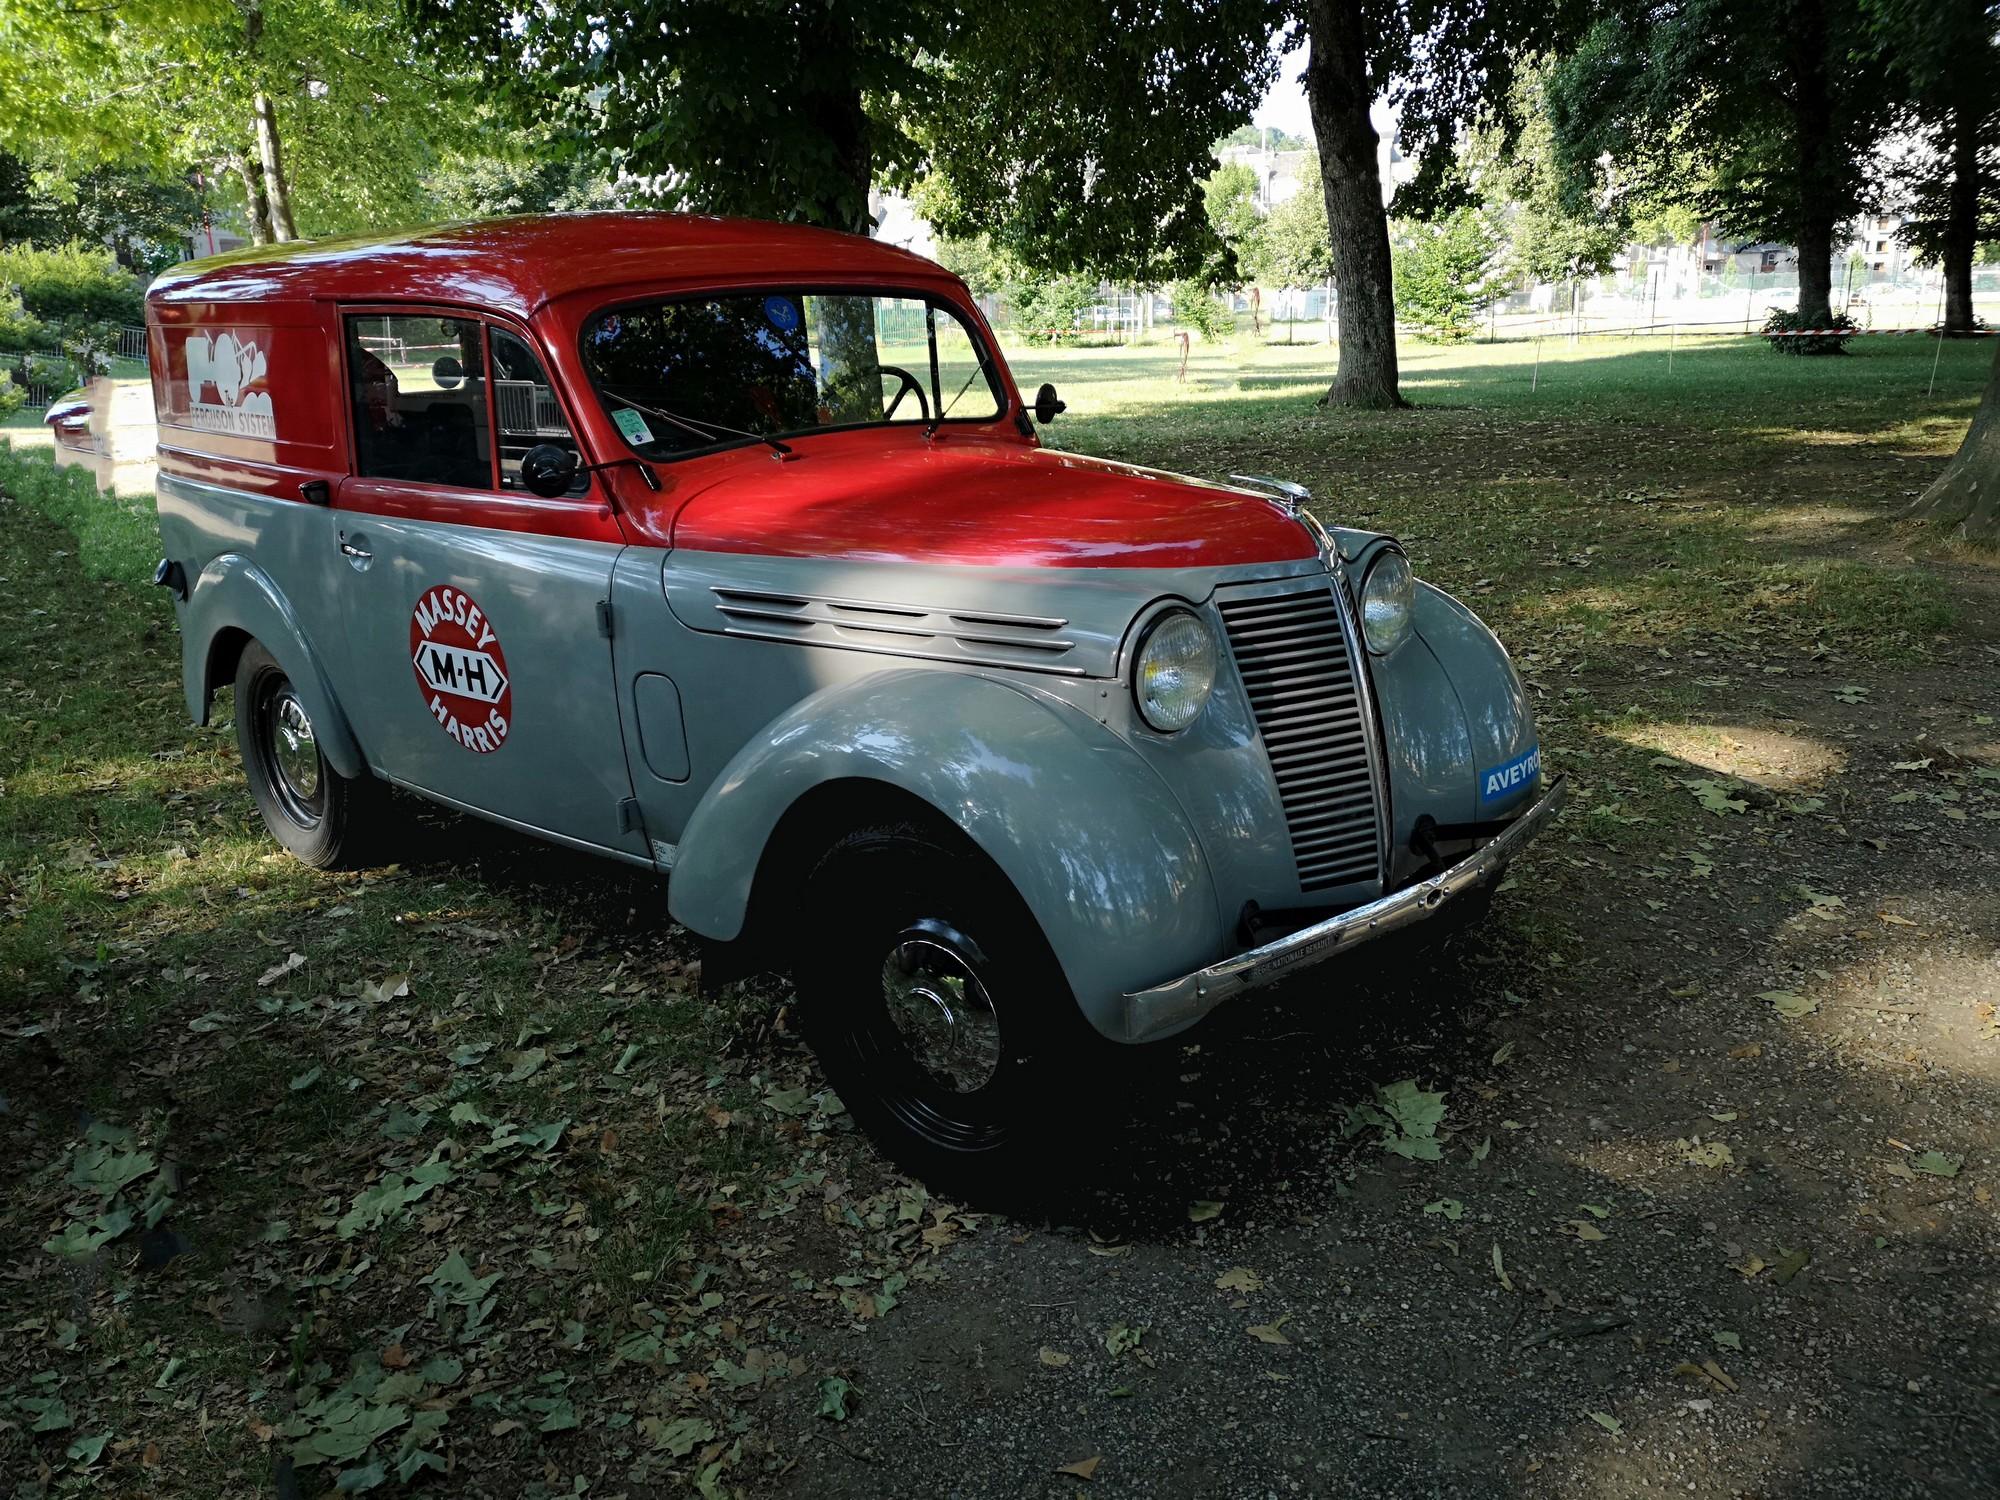 JUVA 4 Renault